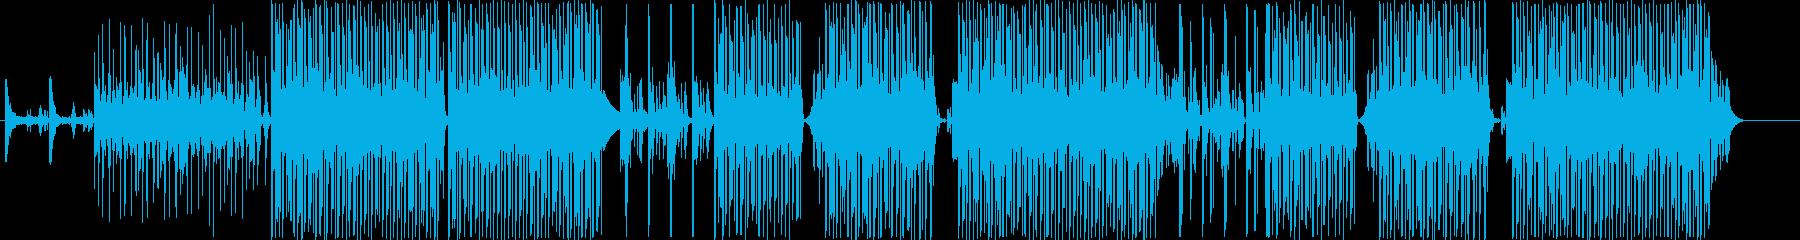 レゲトン、ラテンヒップホップ、クラブ系♪の再生済みの波形